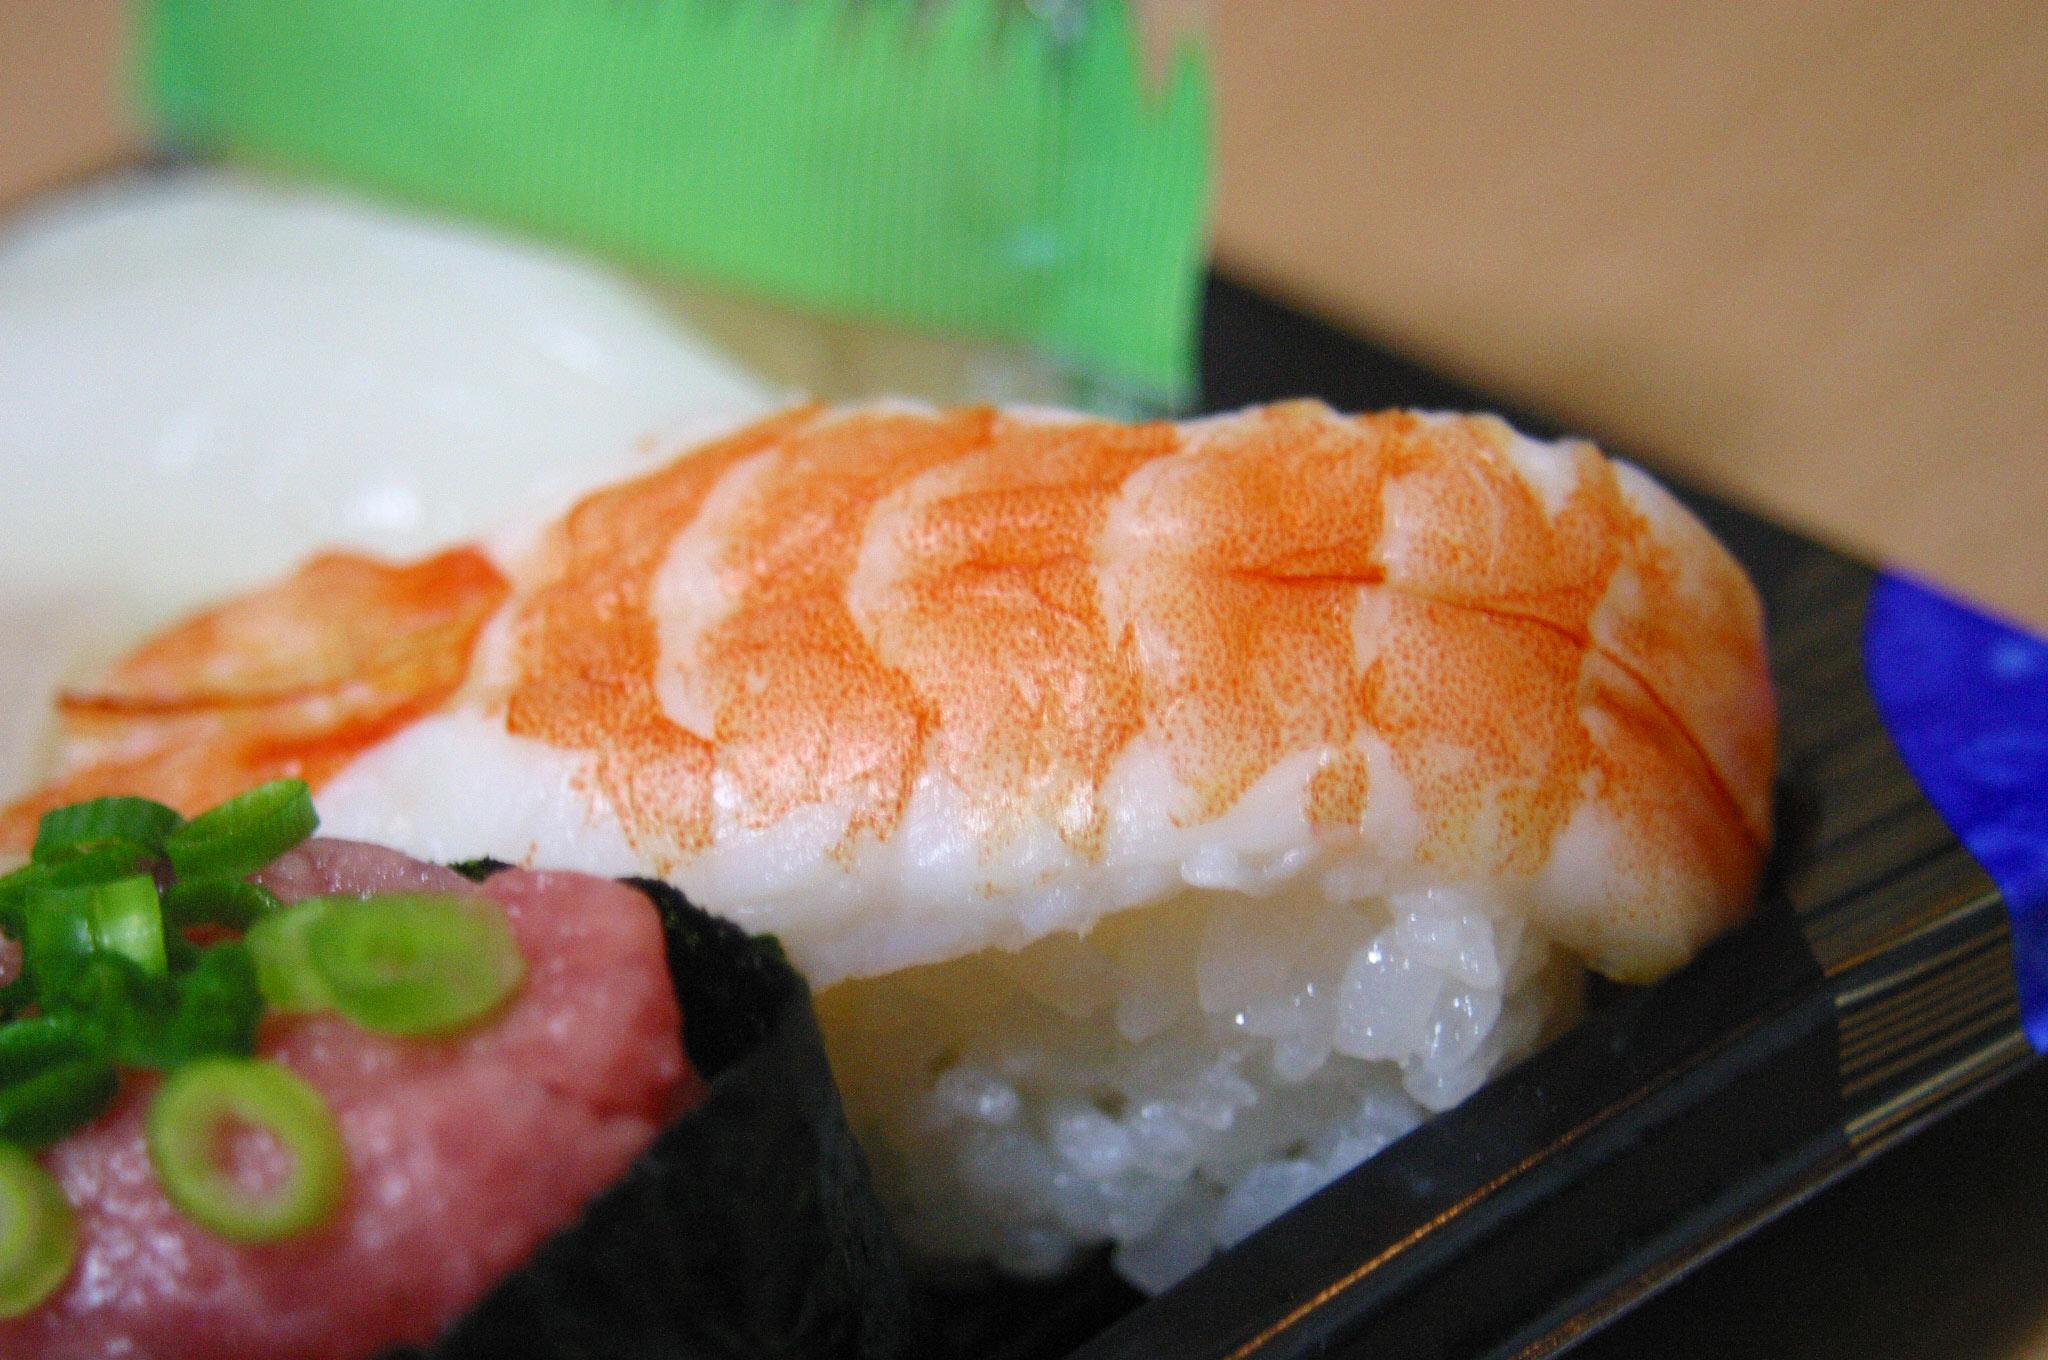 にぎり寿司のえび・春日野道向かいの茶月だったかな